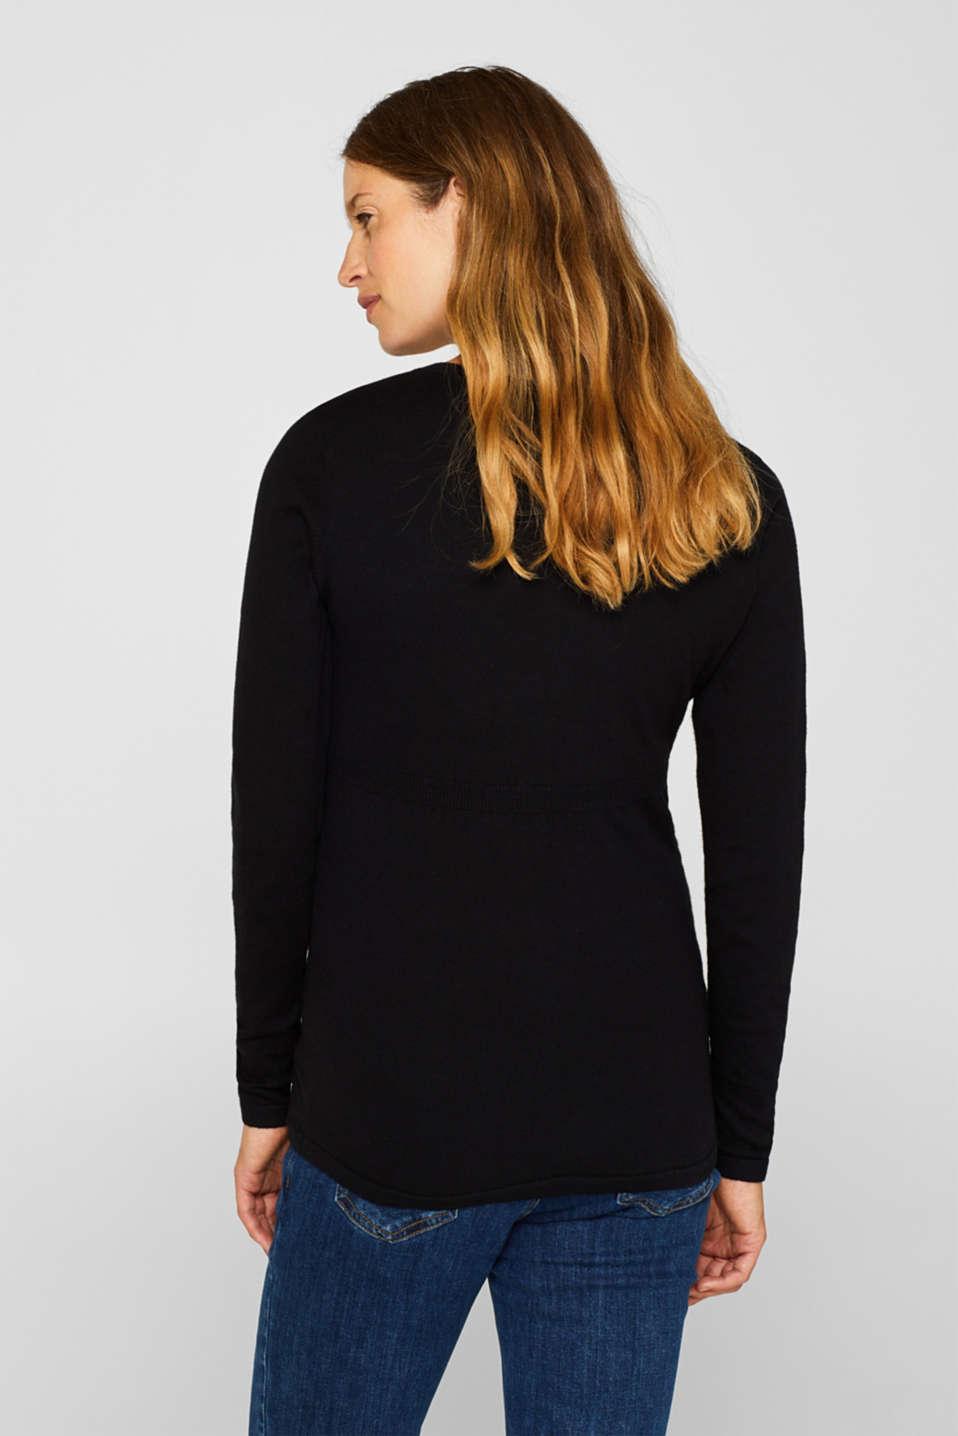 V-neck jumper with cashmere/wool, LCBLACK, detail image number 3